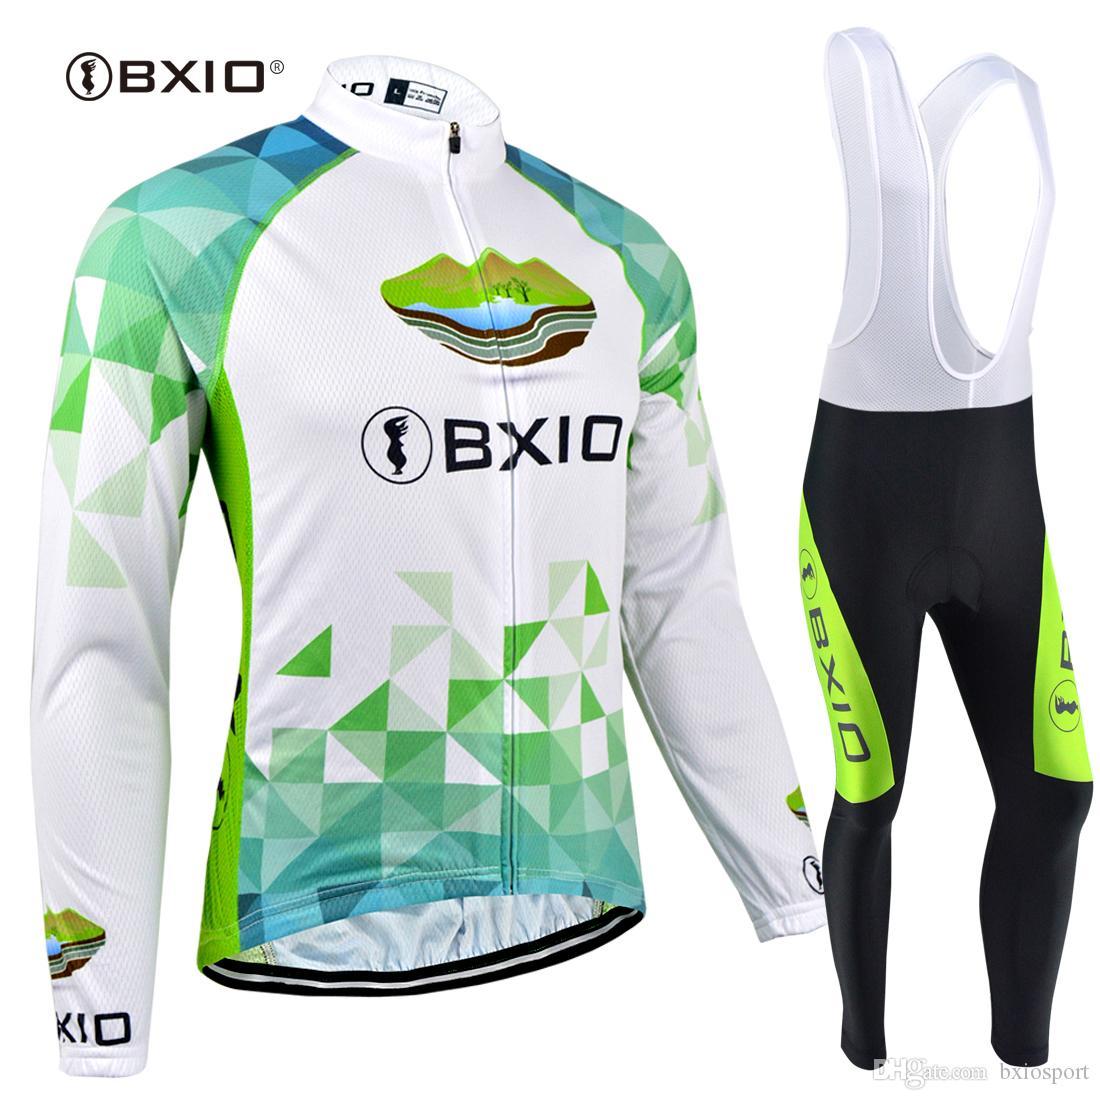 BXIO Deportes Al Aire Libre Ciclismo Jerseys MTB Invierno Fleece Ciclismo  Ropa Calidad Bicicleta Ropa Ropa Ciclismo Manga Larga Set BX 132 Por  Bxiosport 44b8df26bf849